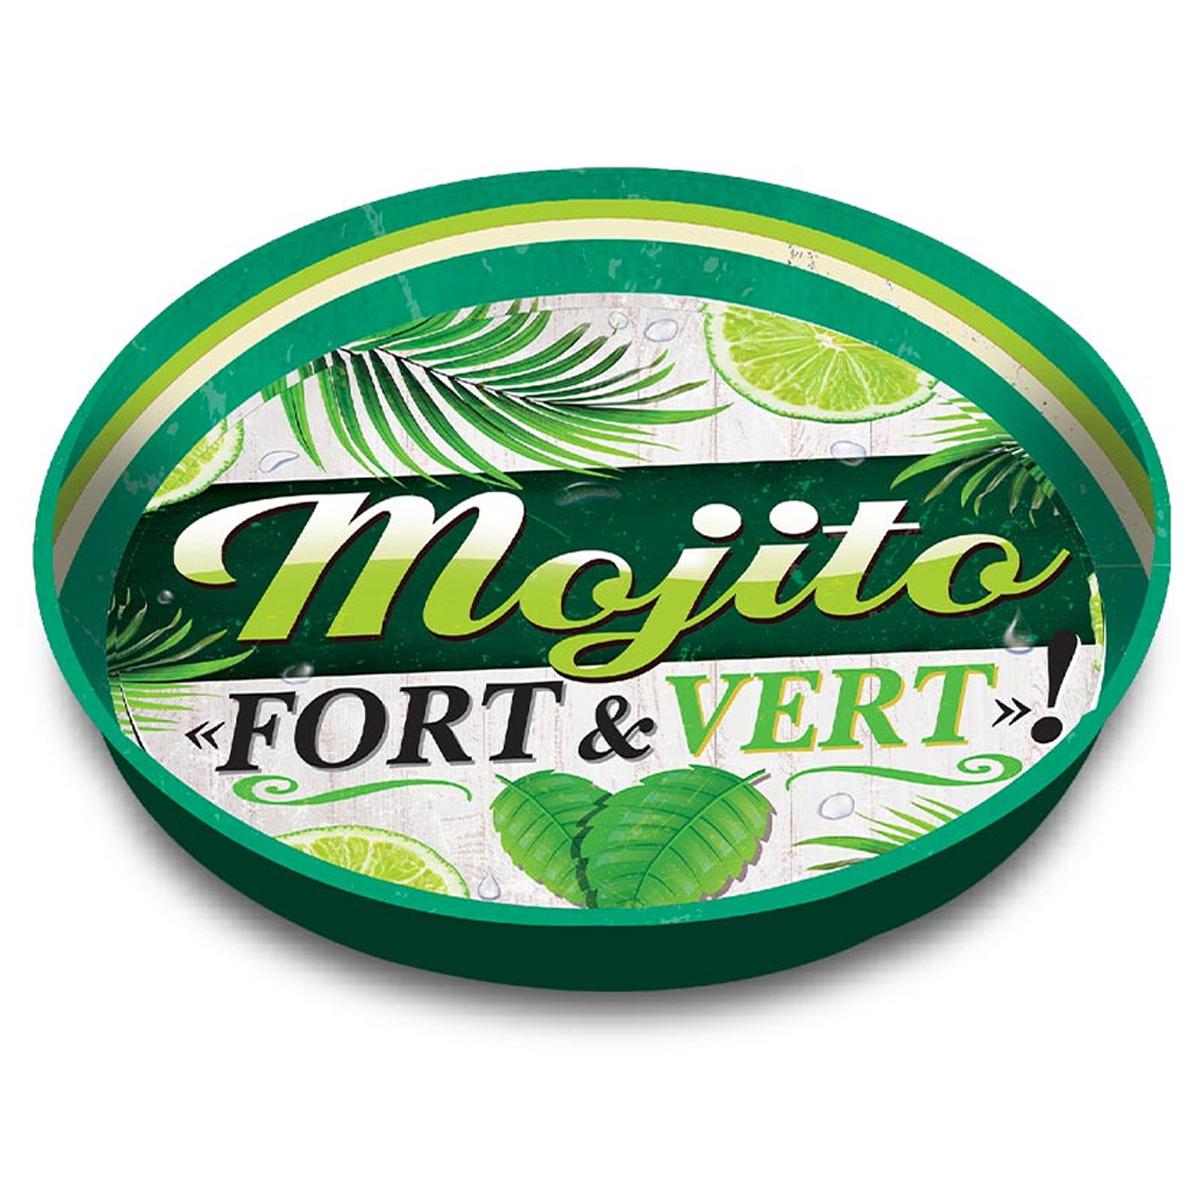 Plateau rond métal \'Messages\' (Mojito fort et vert) - 33 cm - [A1864]